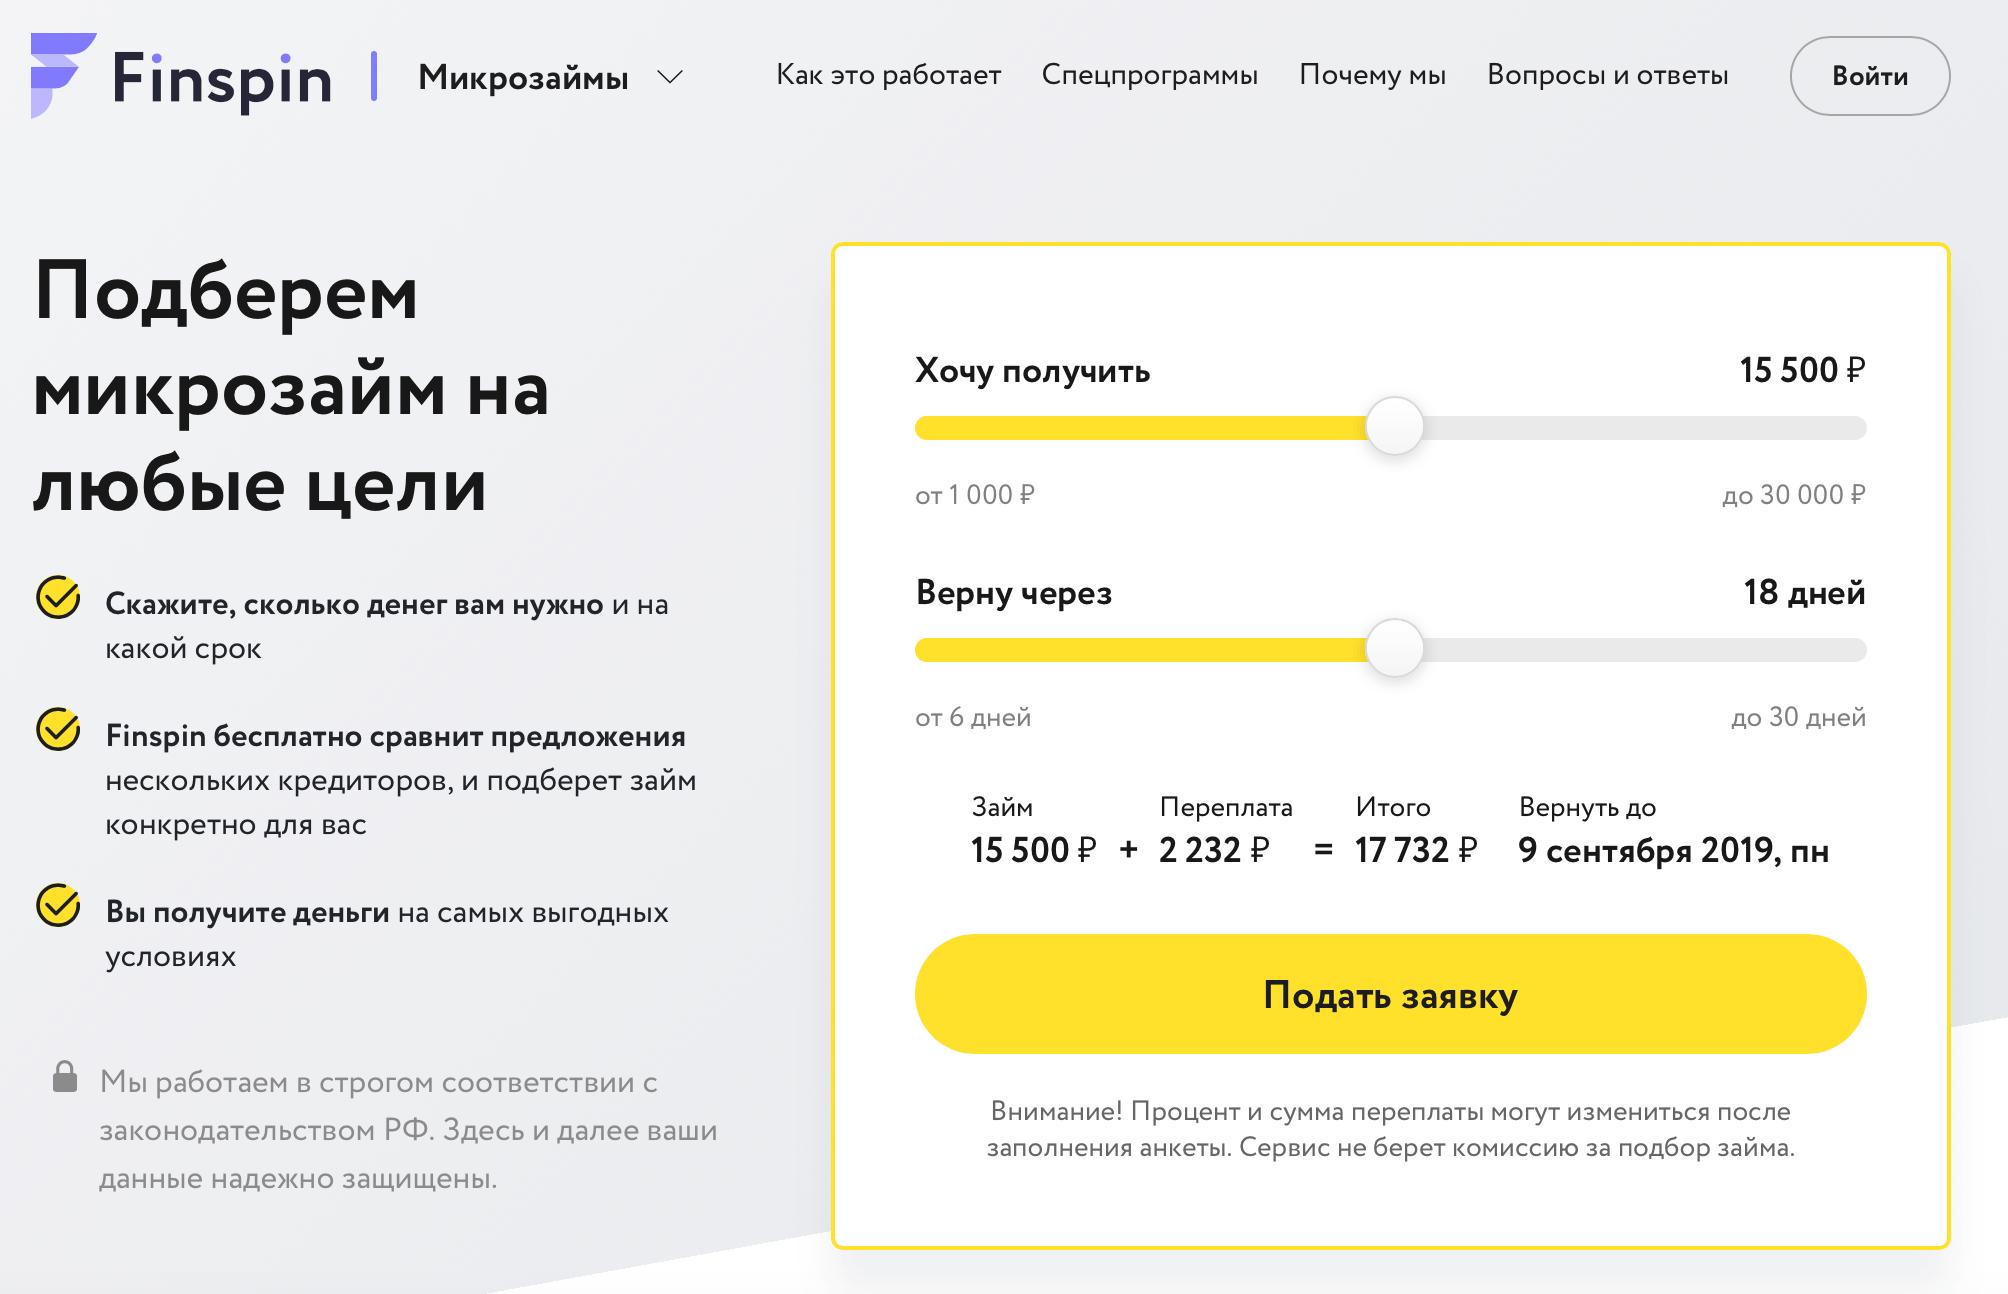 Официальный сайт Финспин